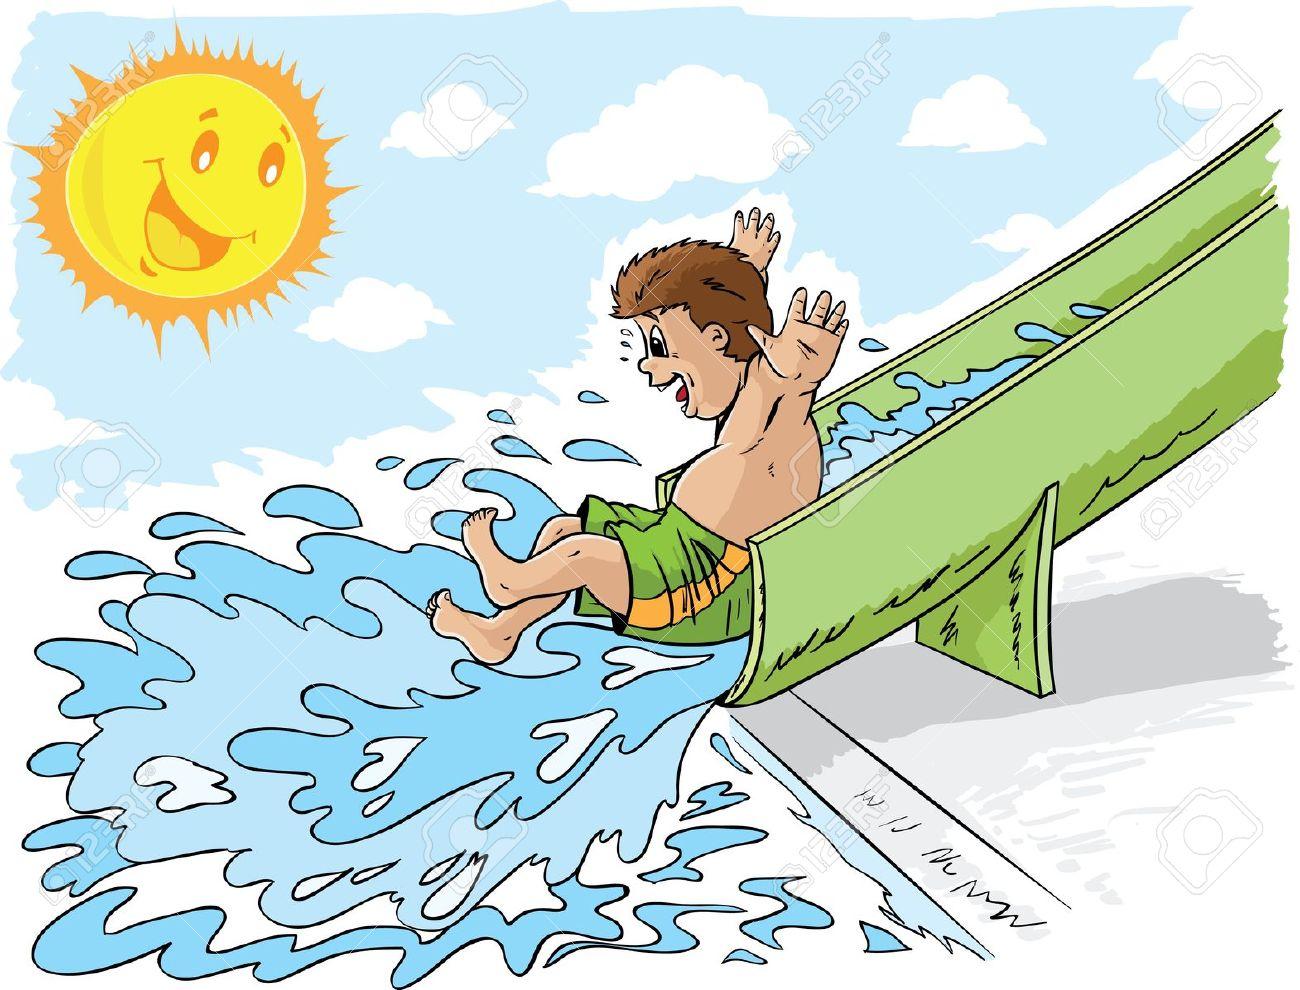 Water Slide: Boy On Waterslide .-water slide: Boy on waterslide .-12